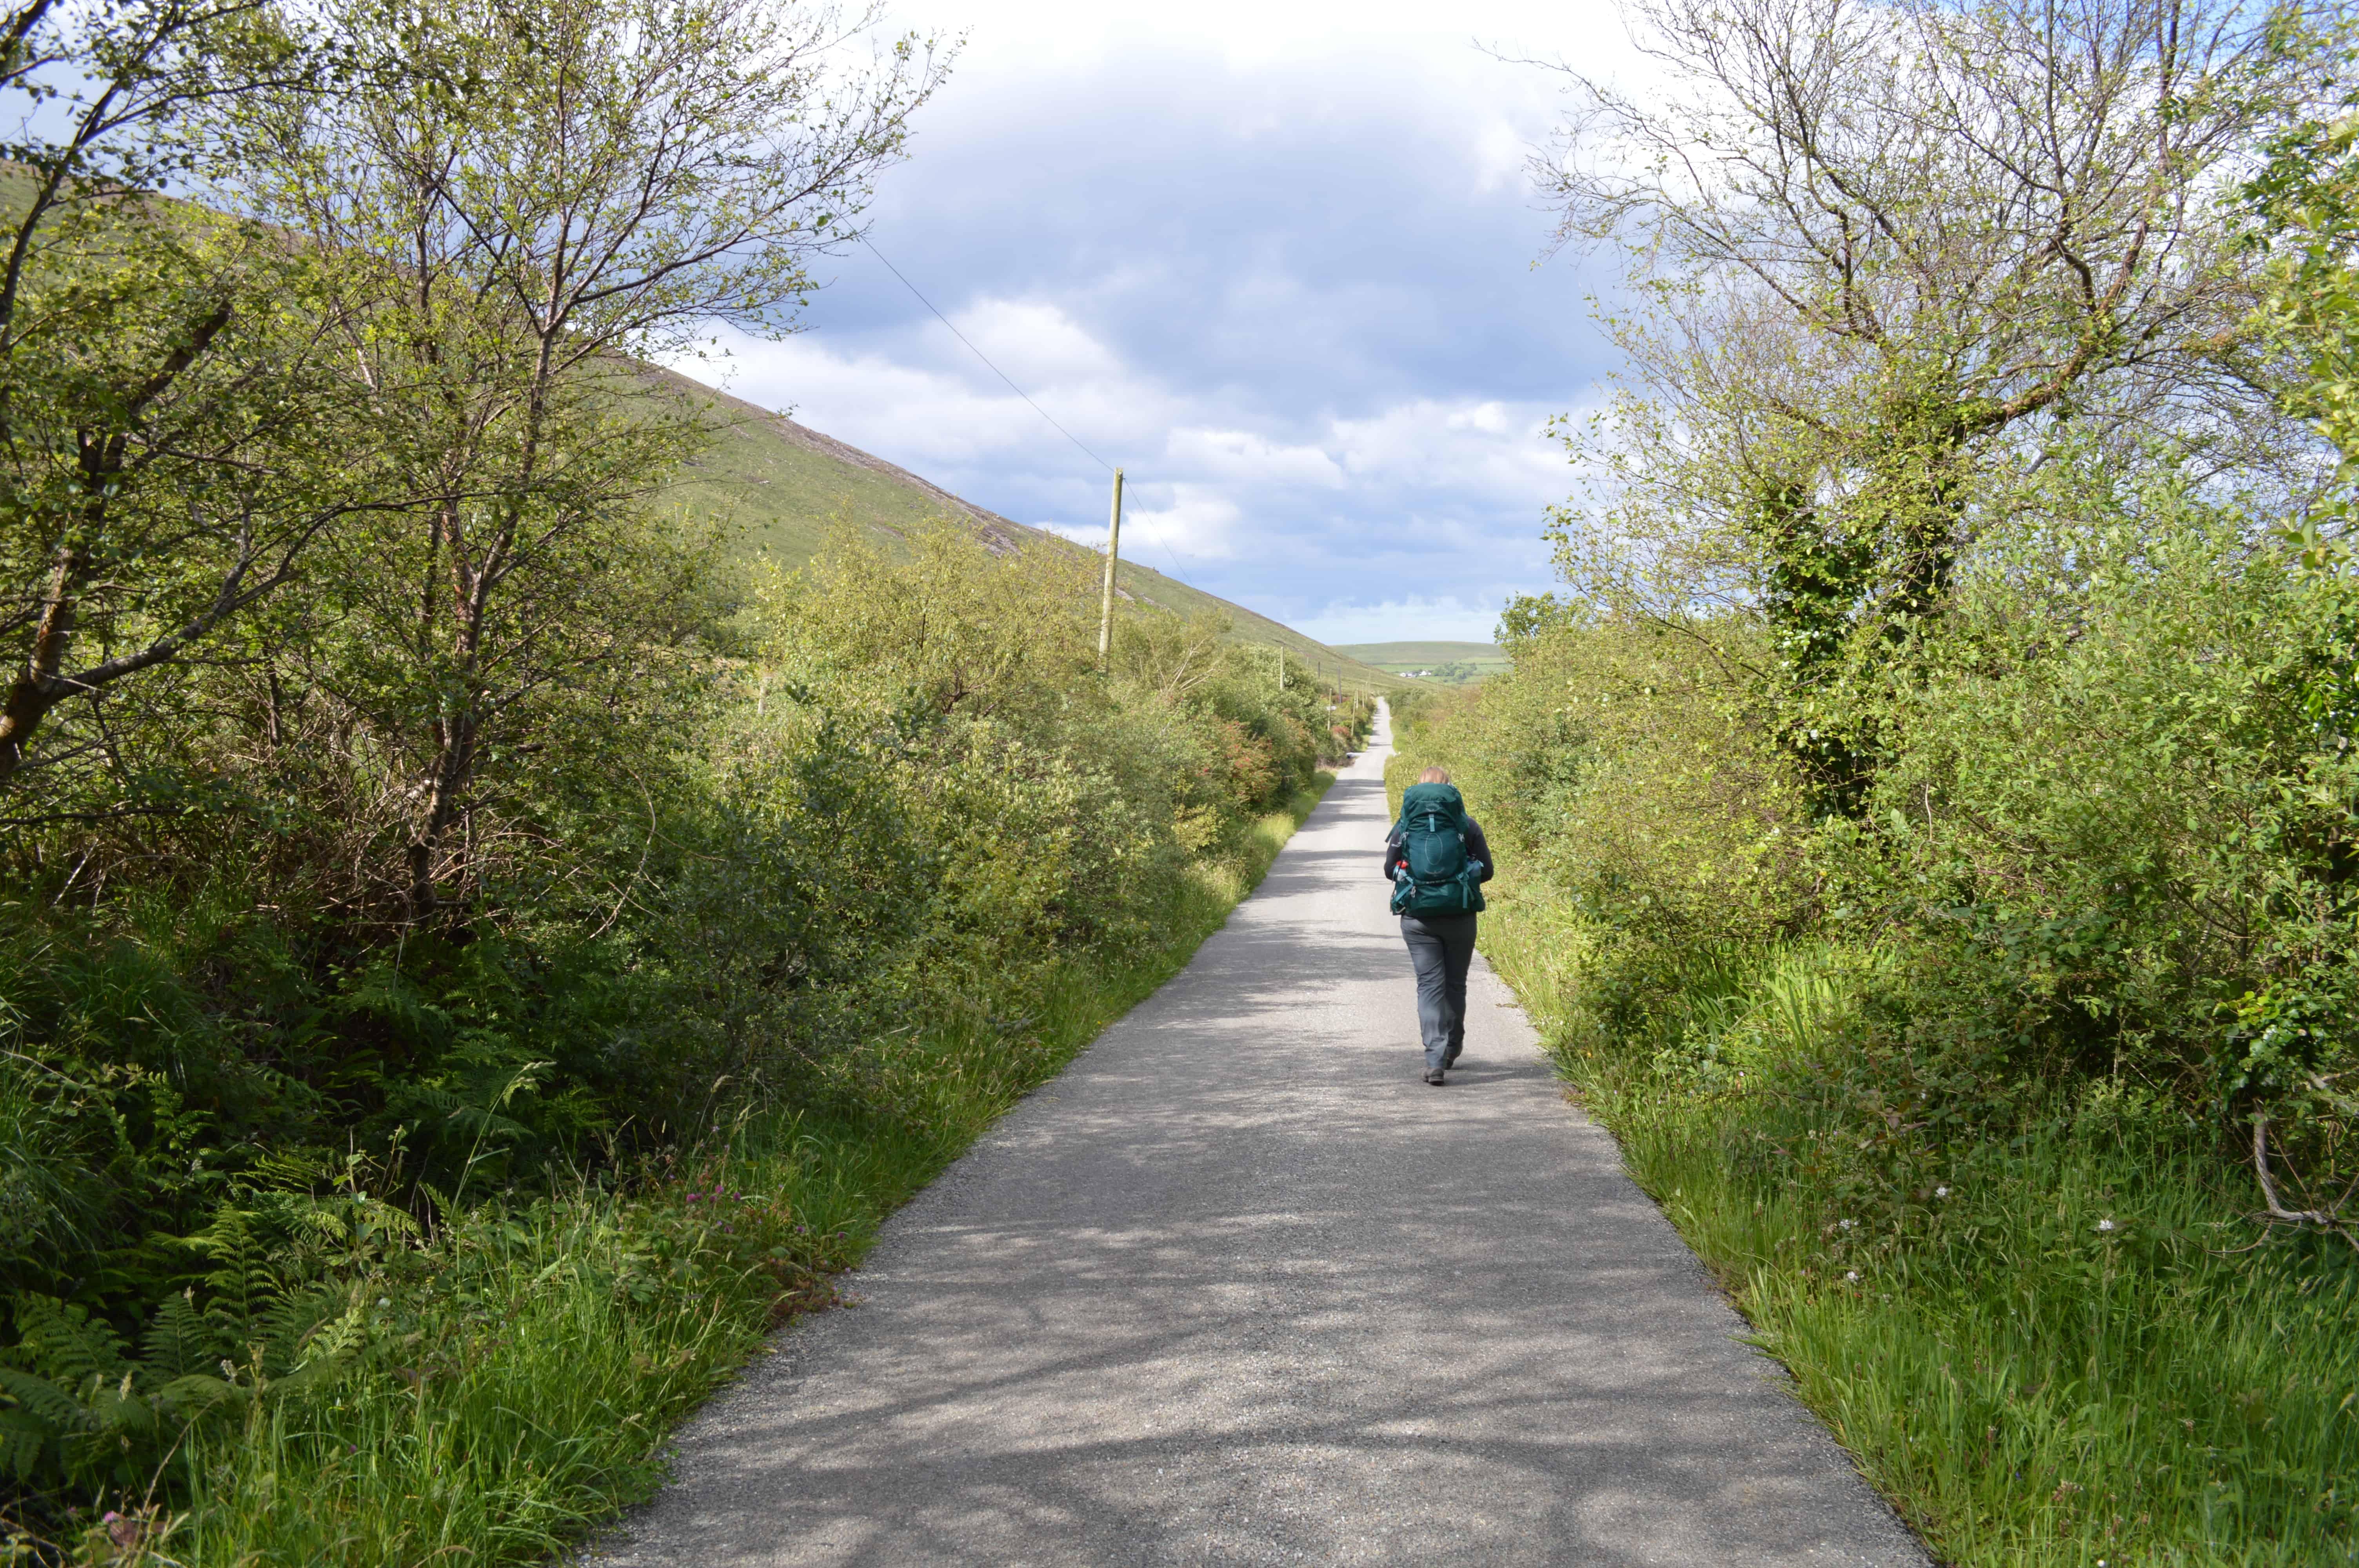 Landwegen - Dingleway - Happyhikers